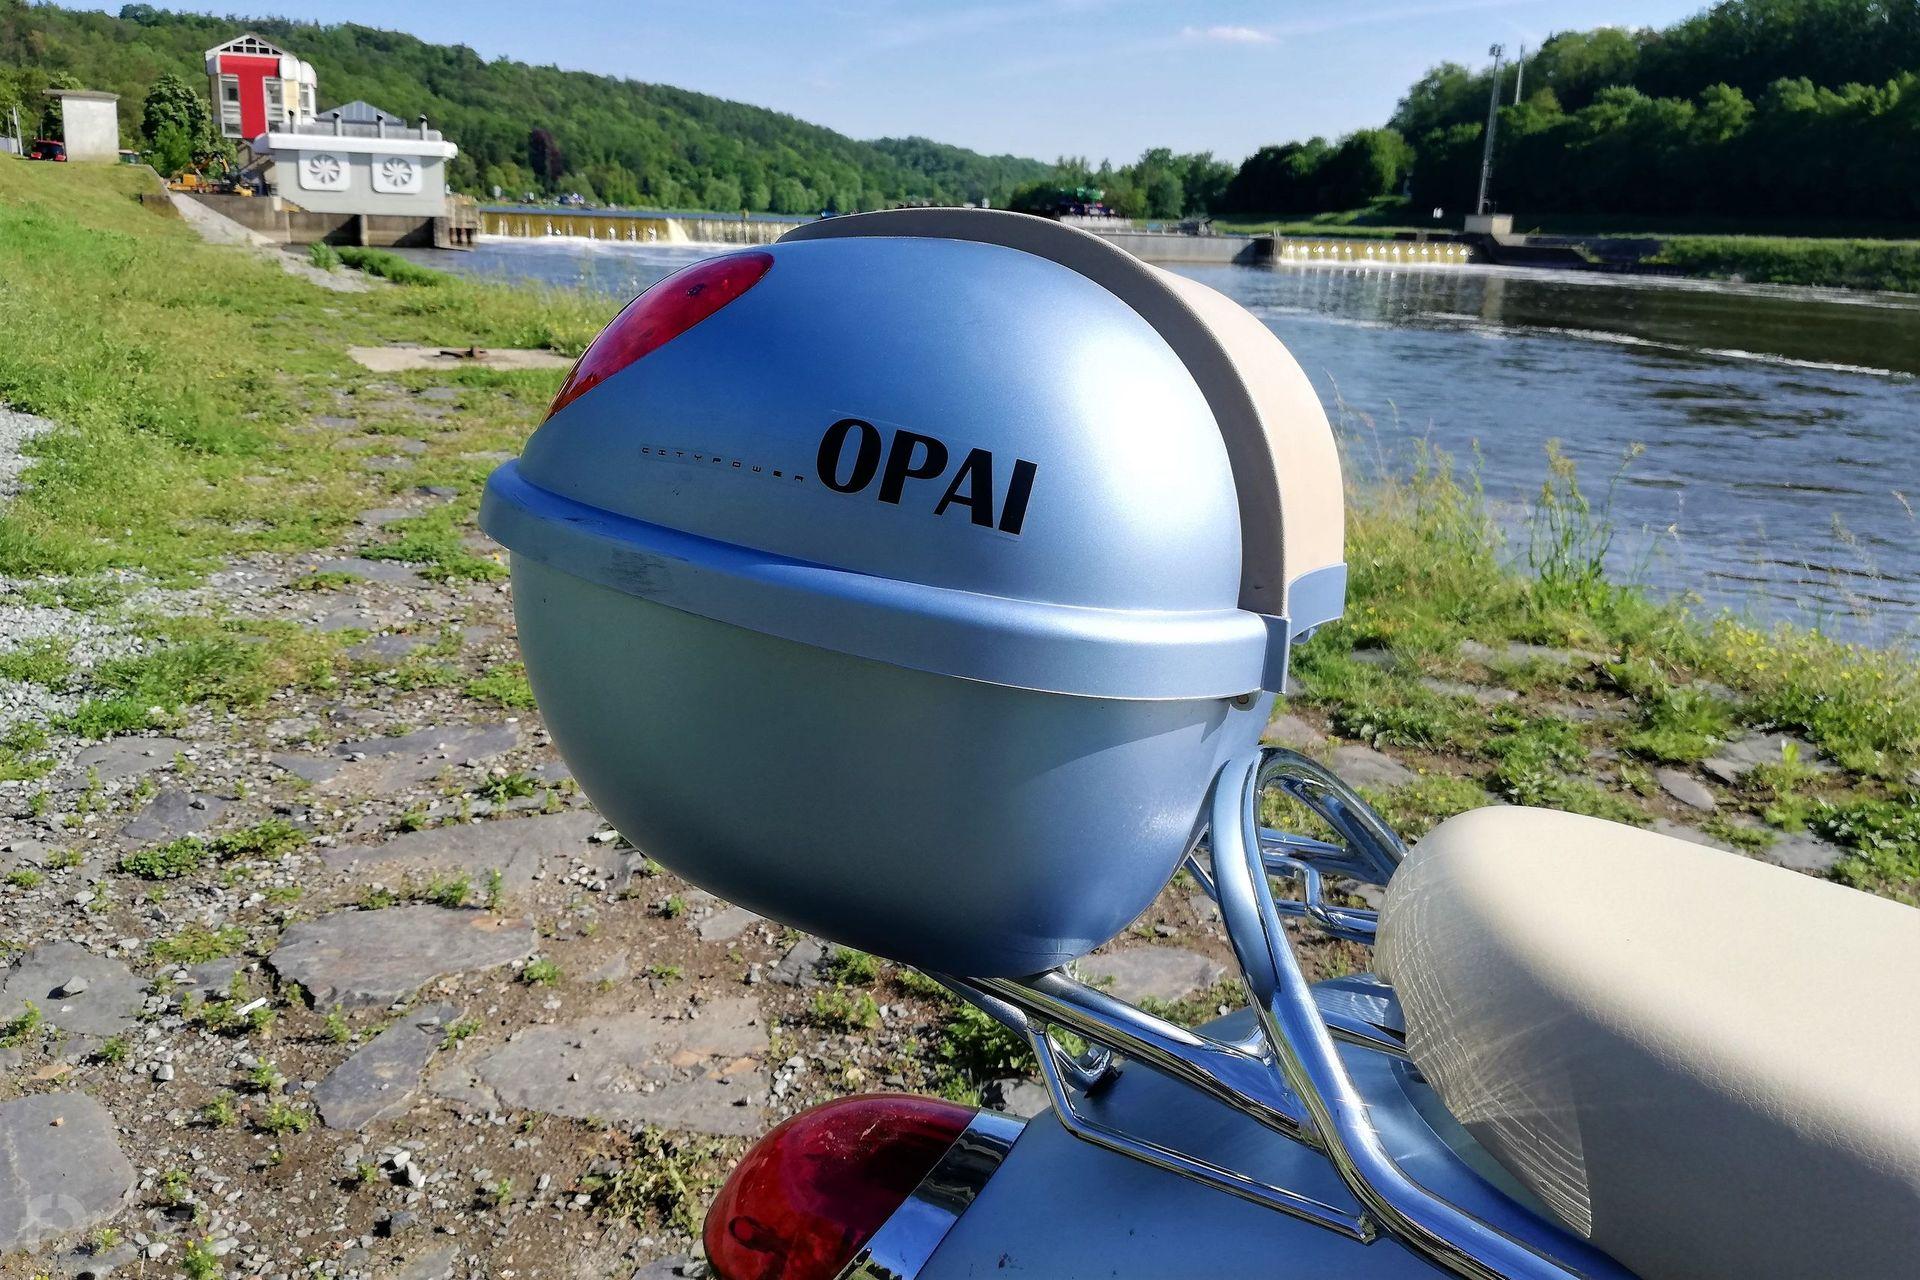 Elektrický skútr OPAI model OPG-EM006 (Retro)